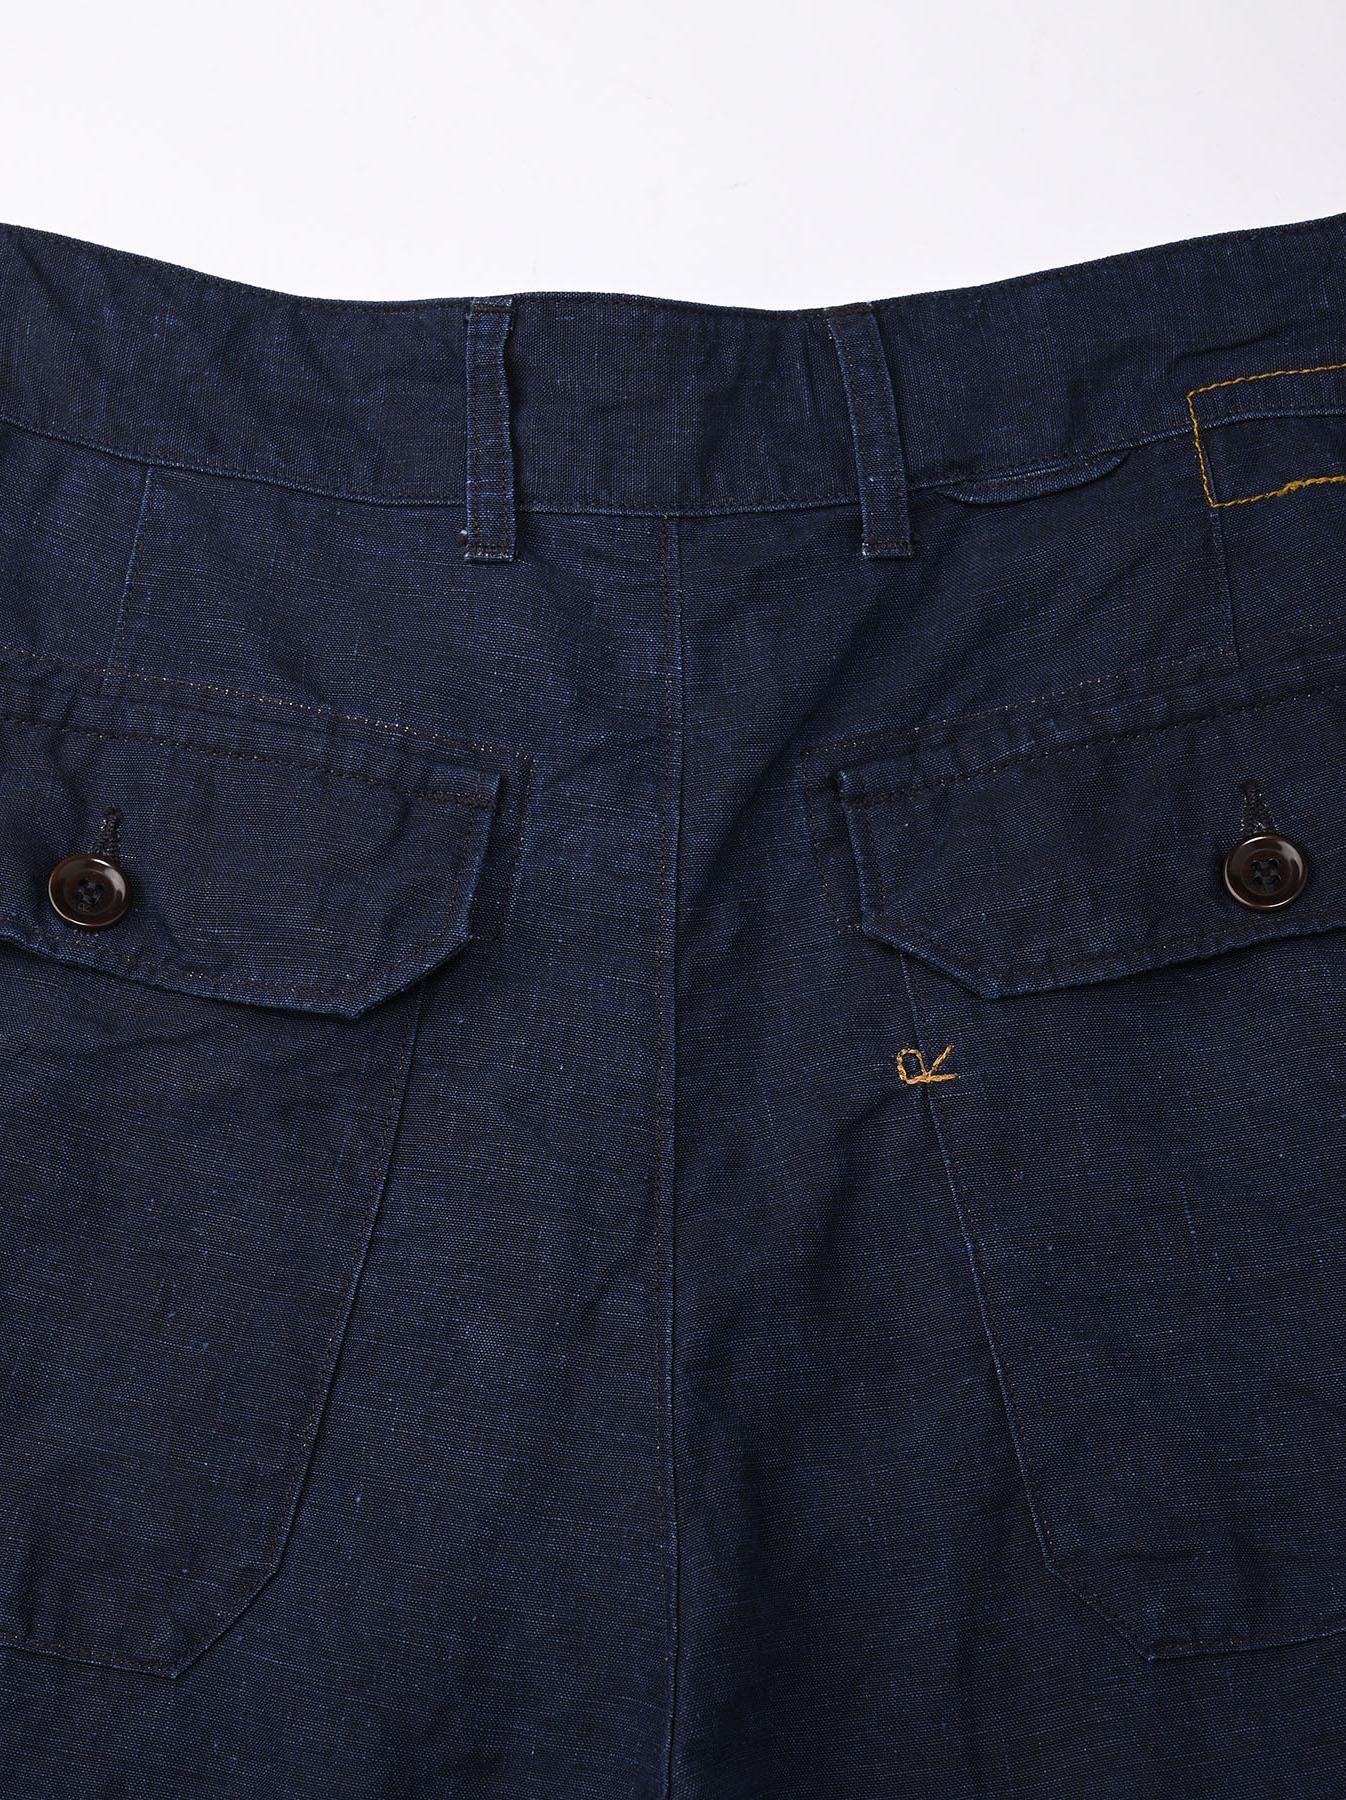 Indigo Linen 908 Baker Pants (0421)-10